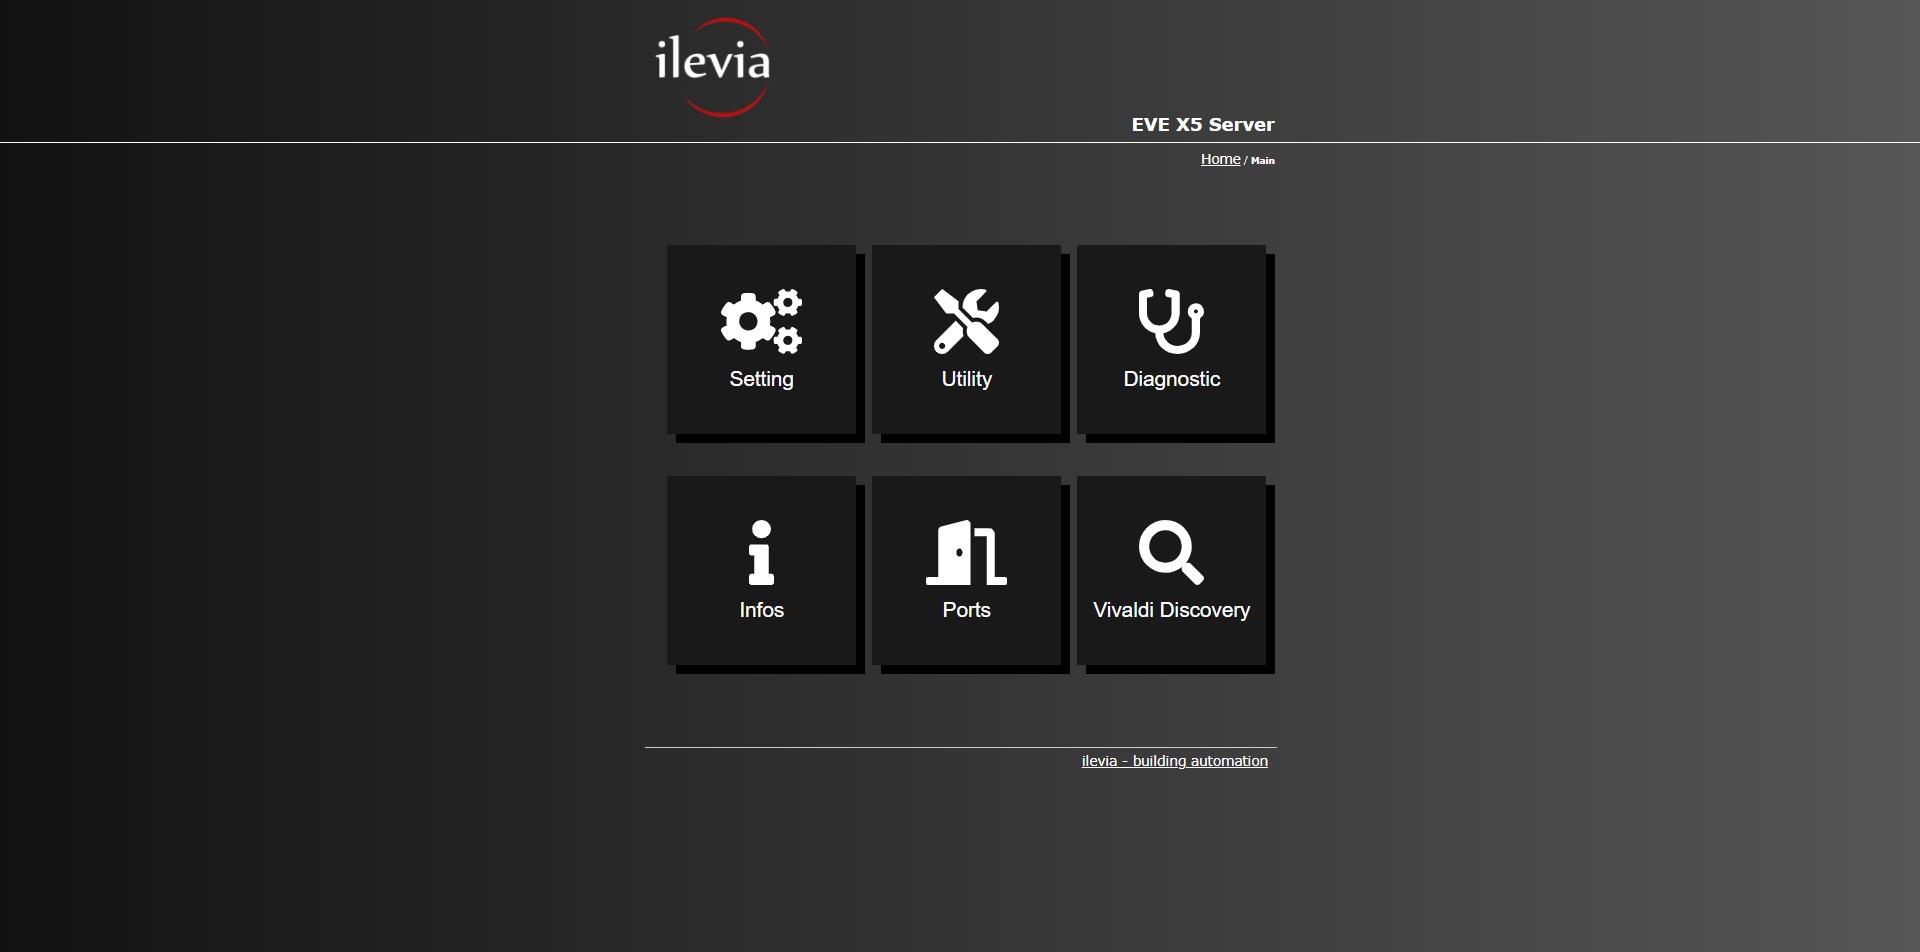 Menu di configurazione all'interno della interfaccia web del server per il controllo della domotica EVE X5